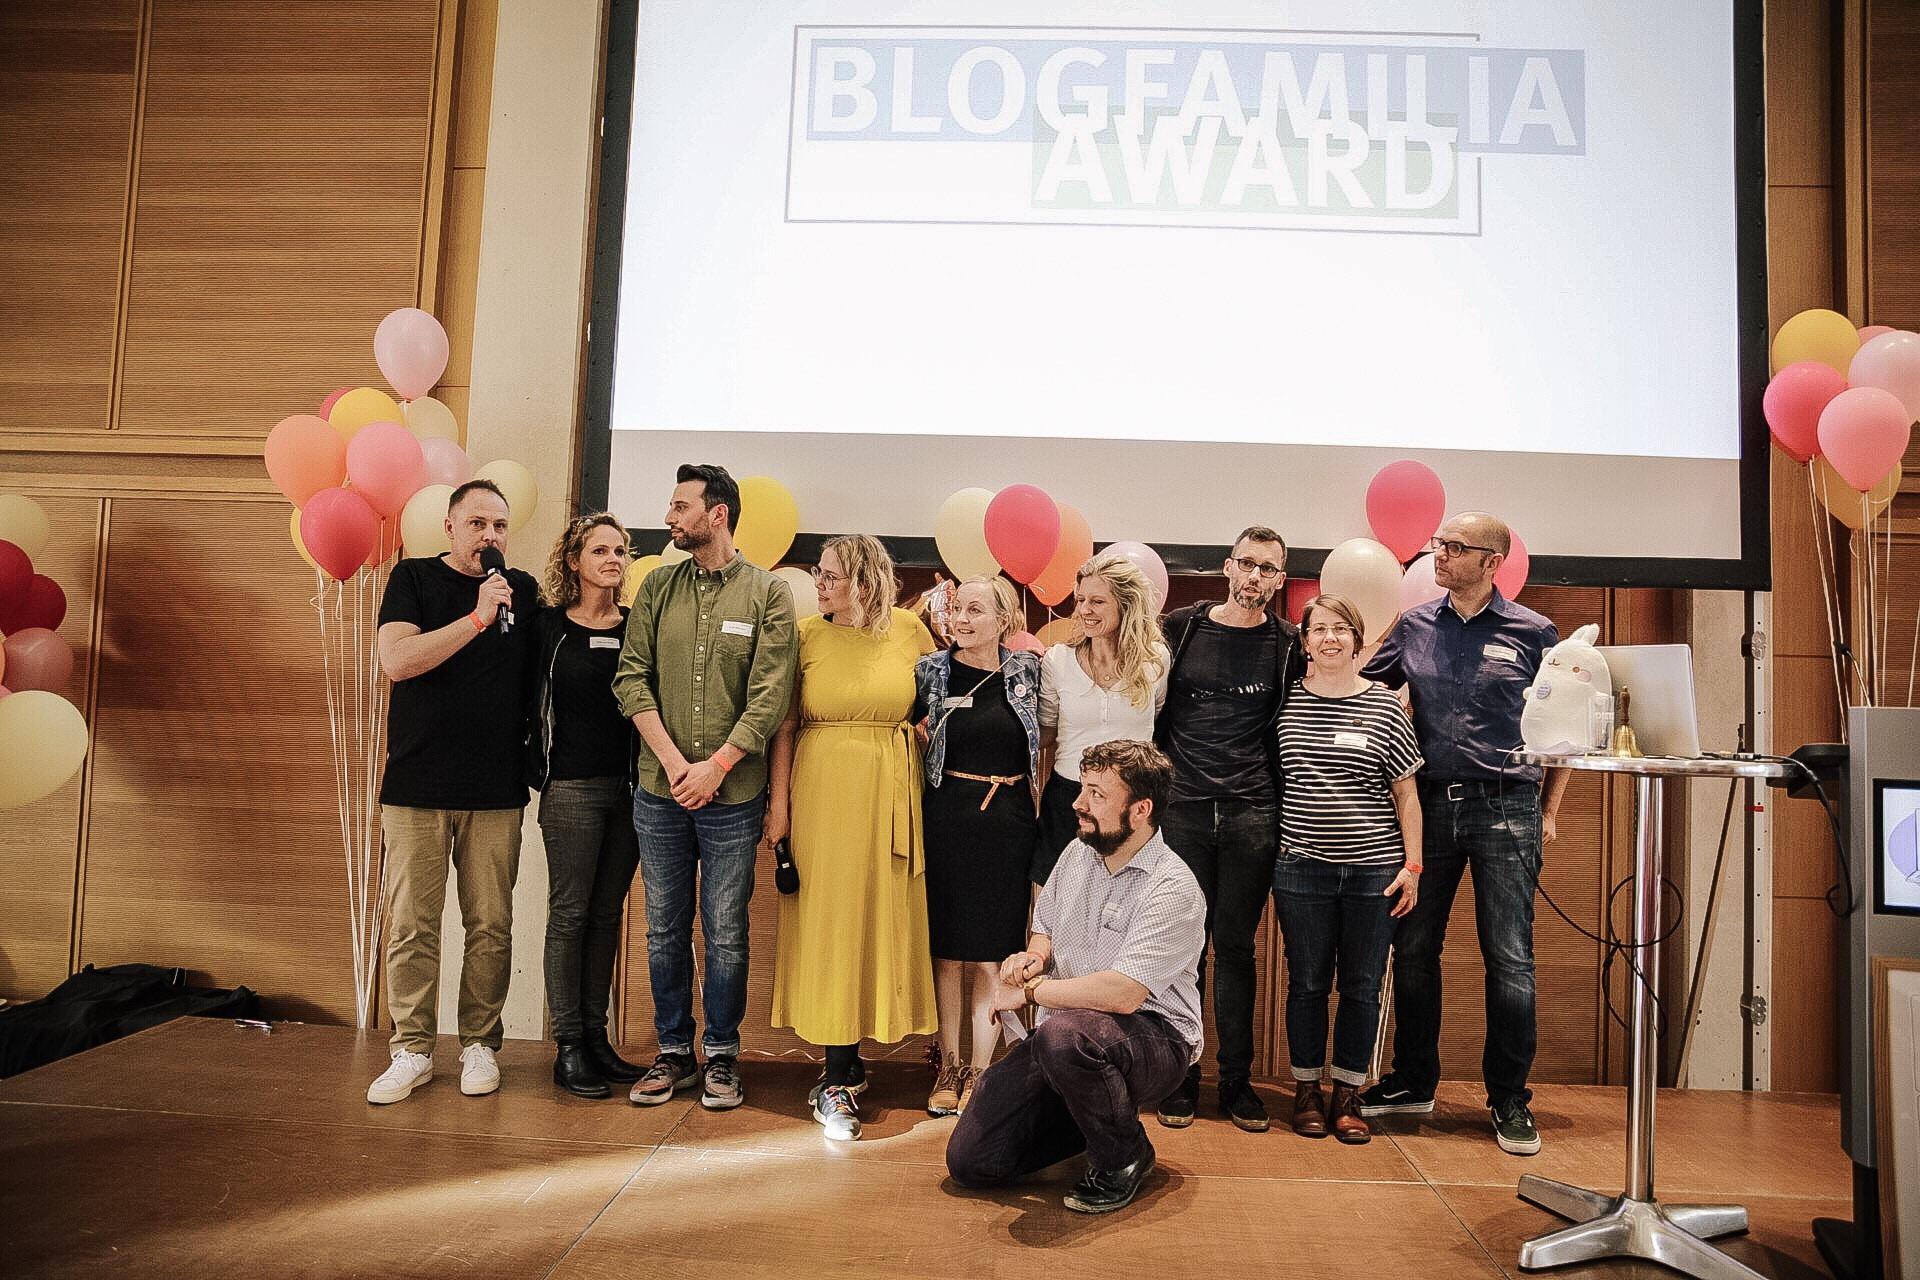 Blogfamilia Team